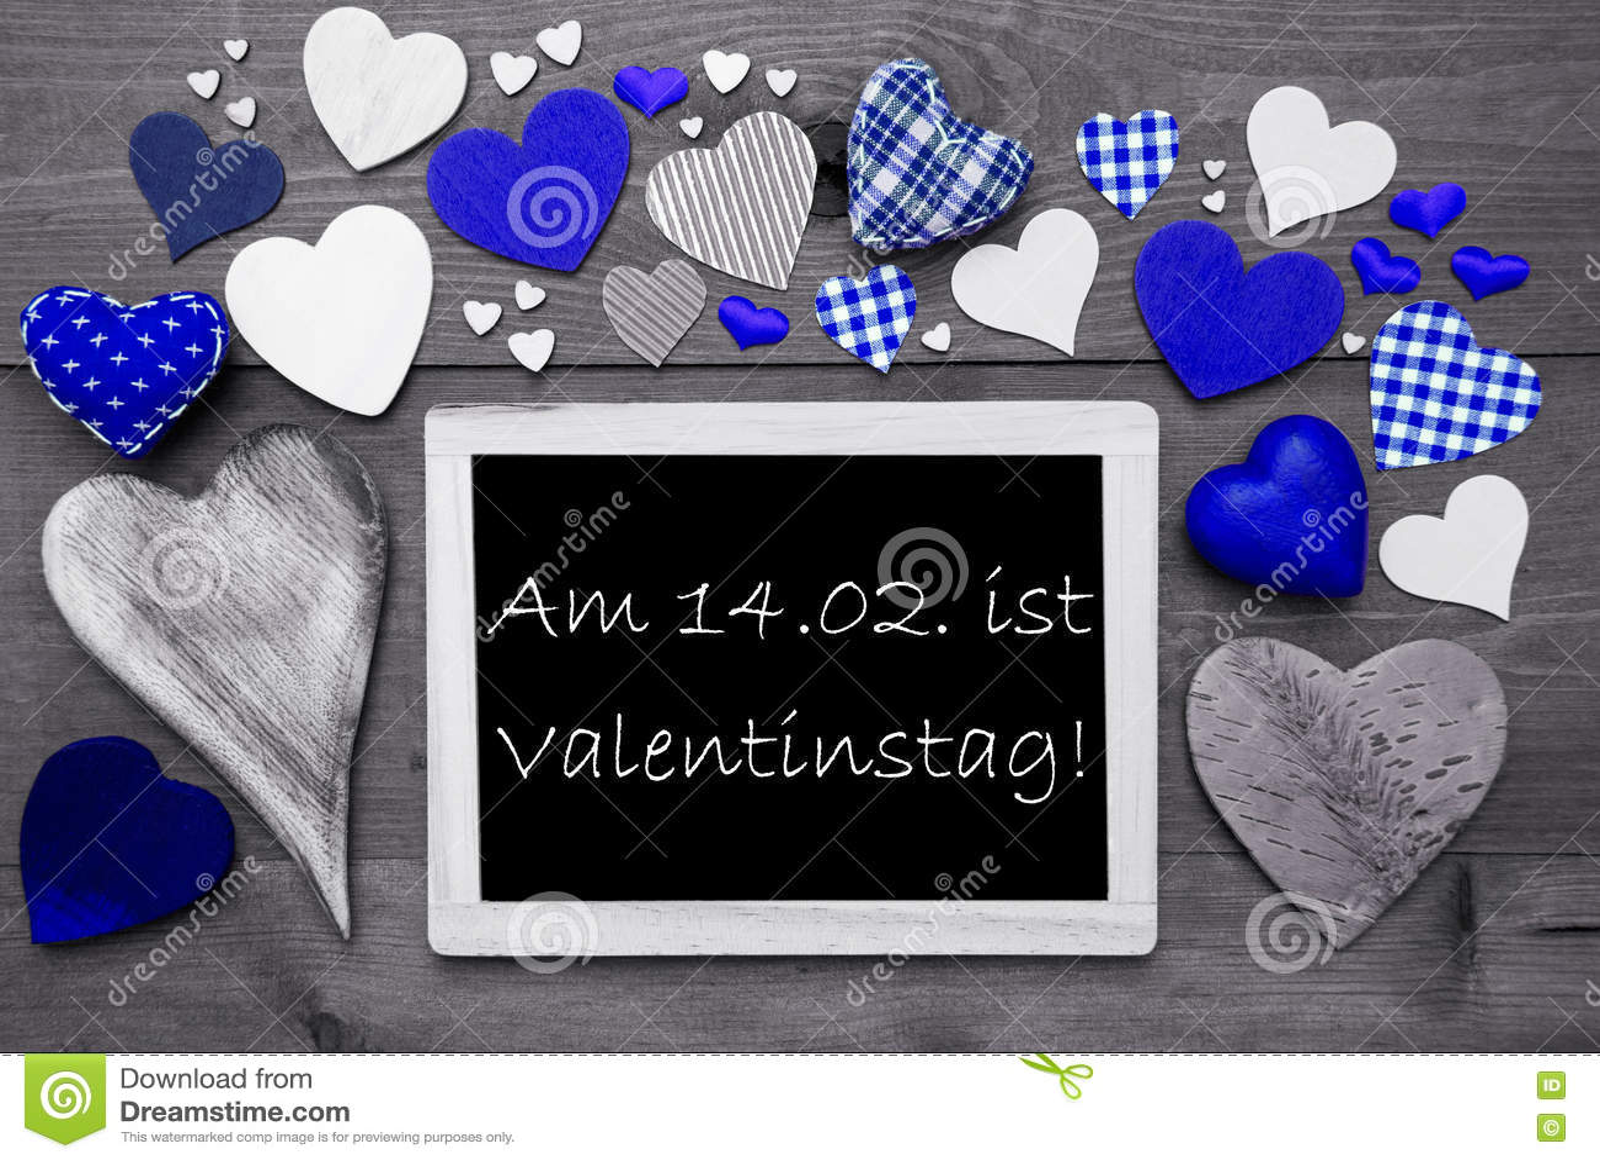 Chalkbord com muitos corações azuis, Valentinstag significa o dia de Valentim